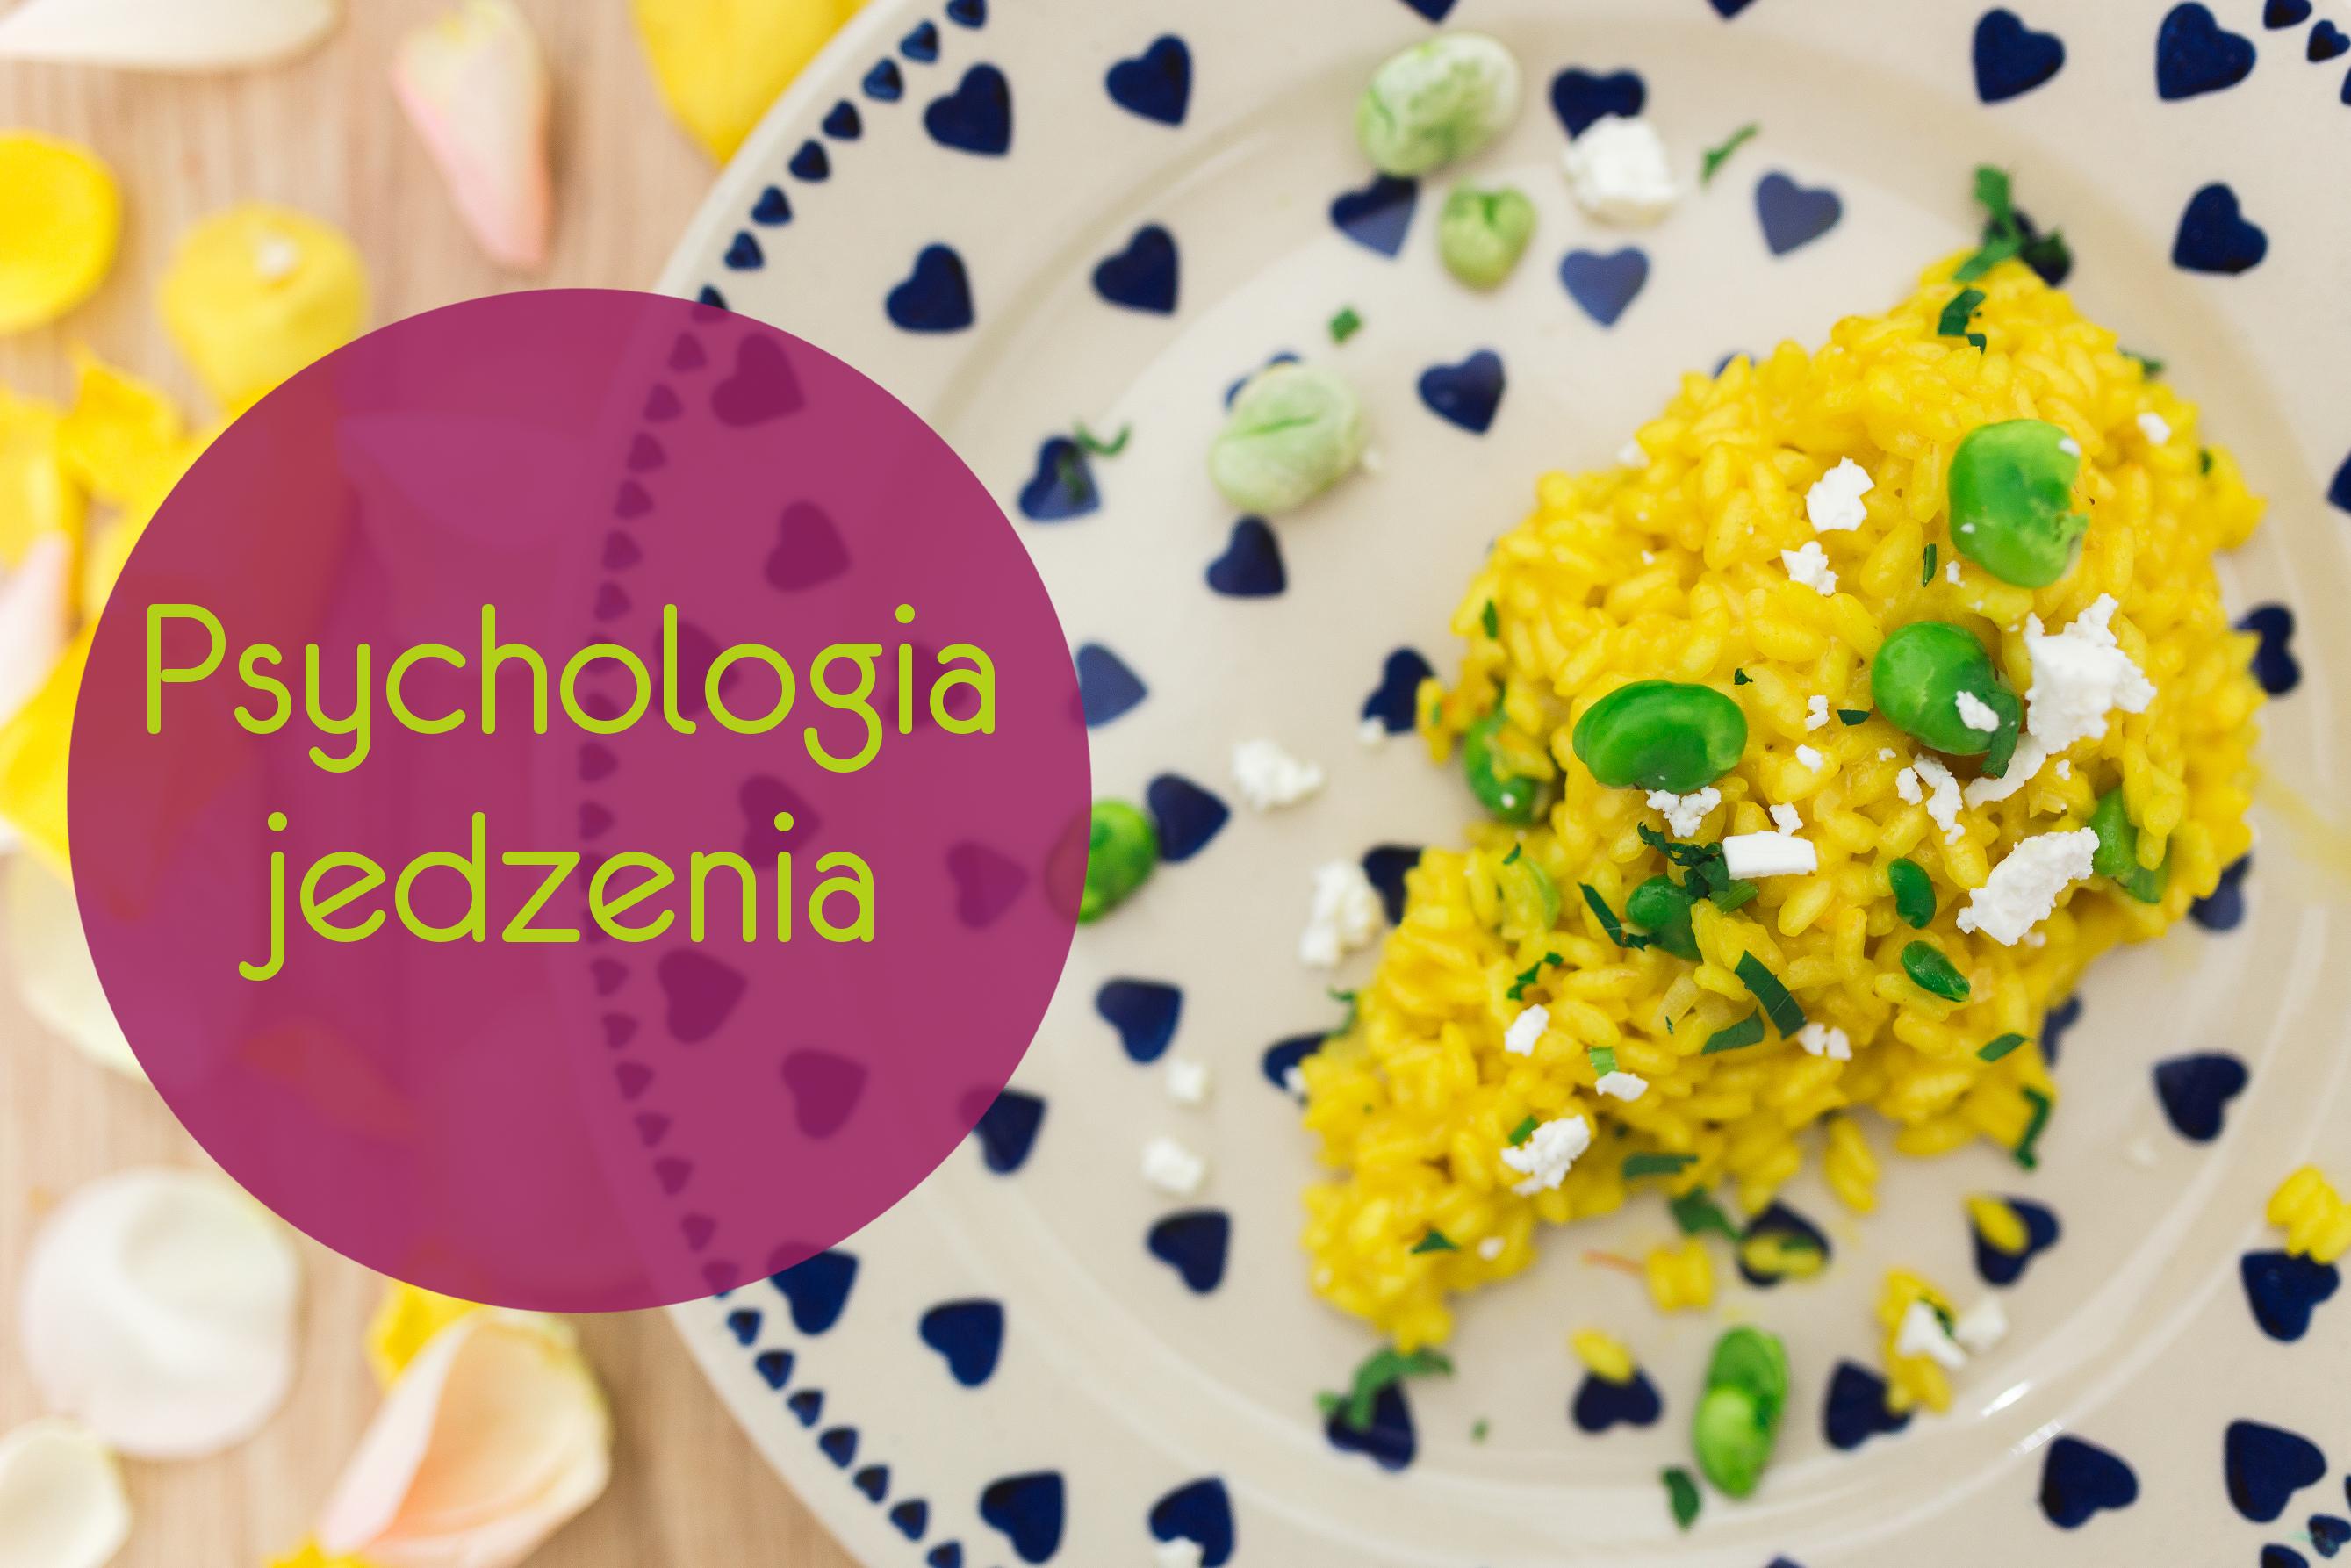 Psychologia jedzenia sens